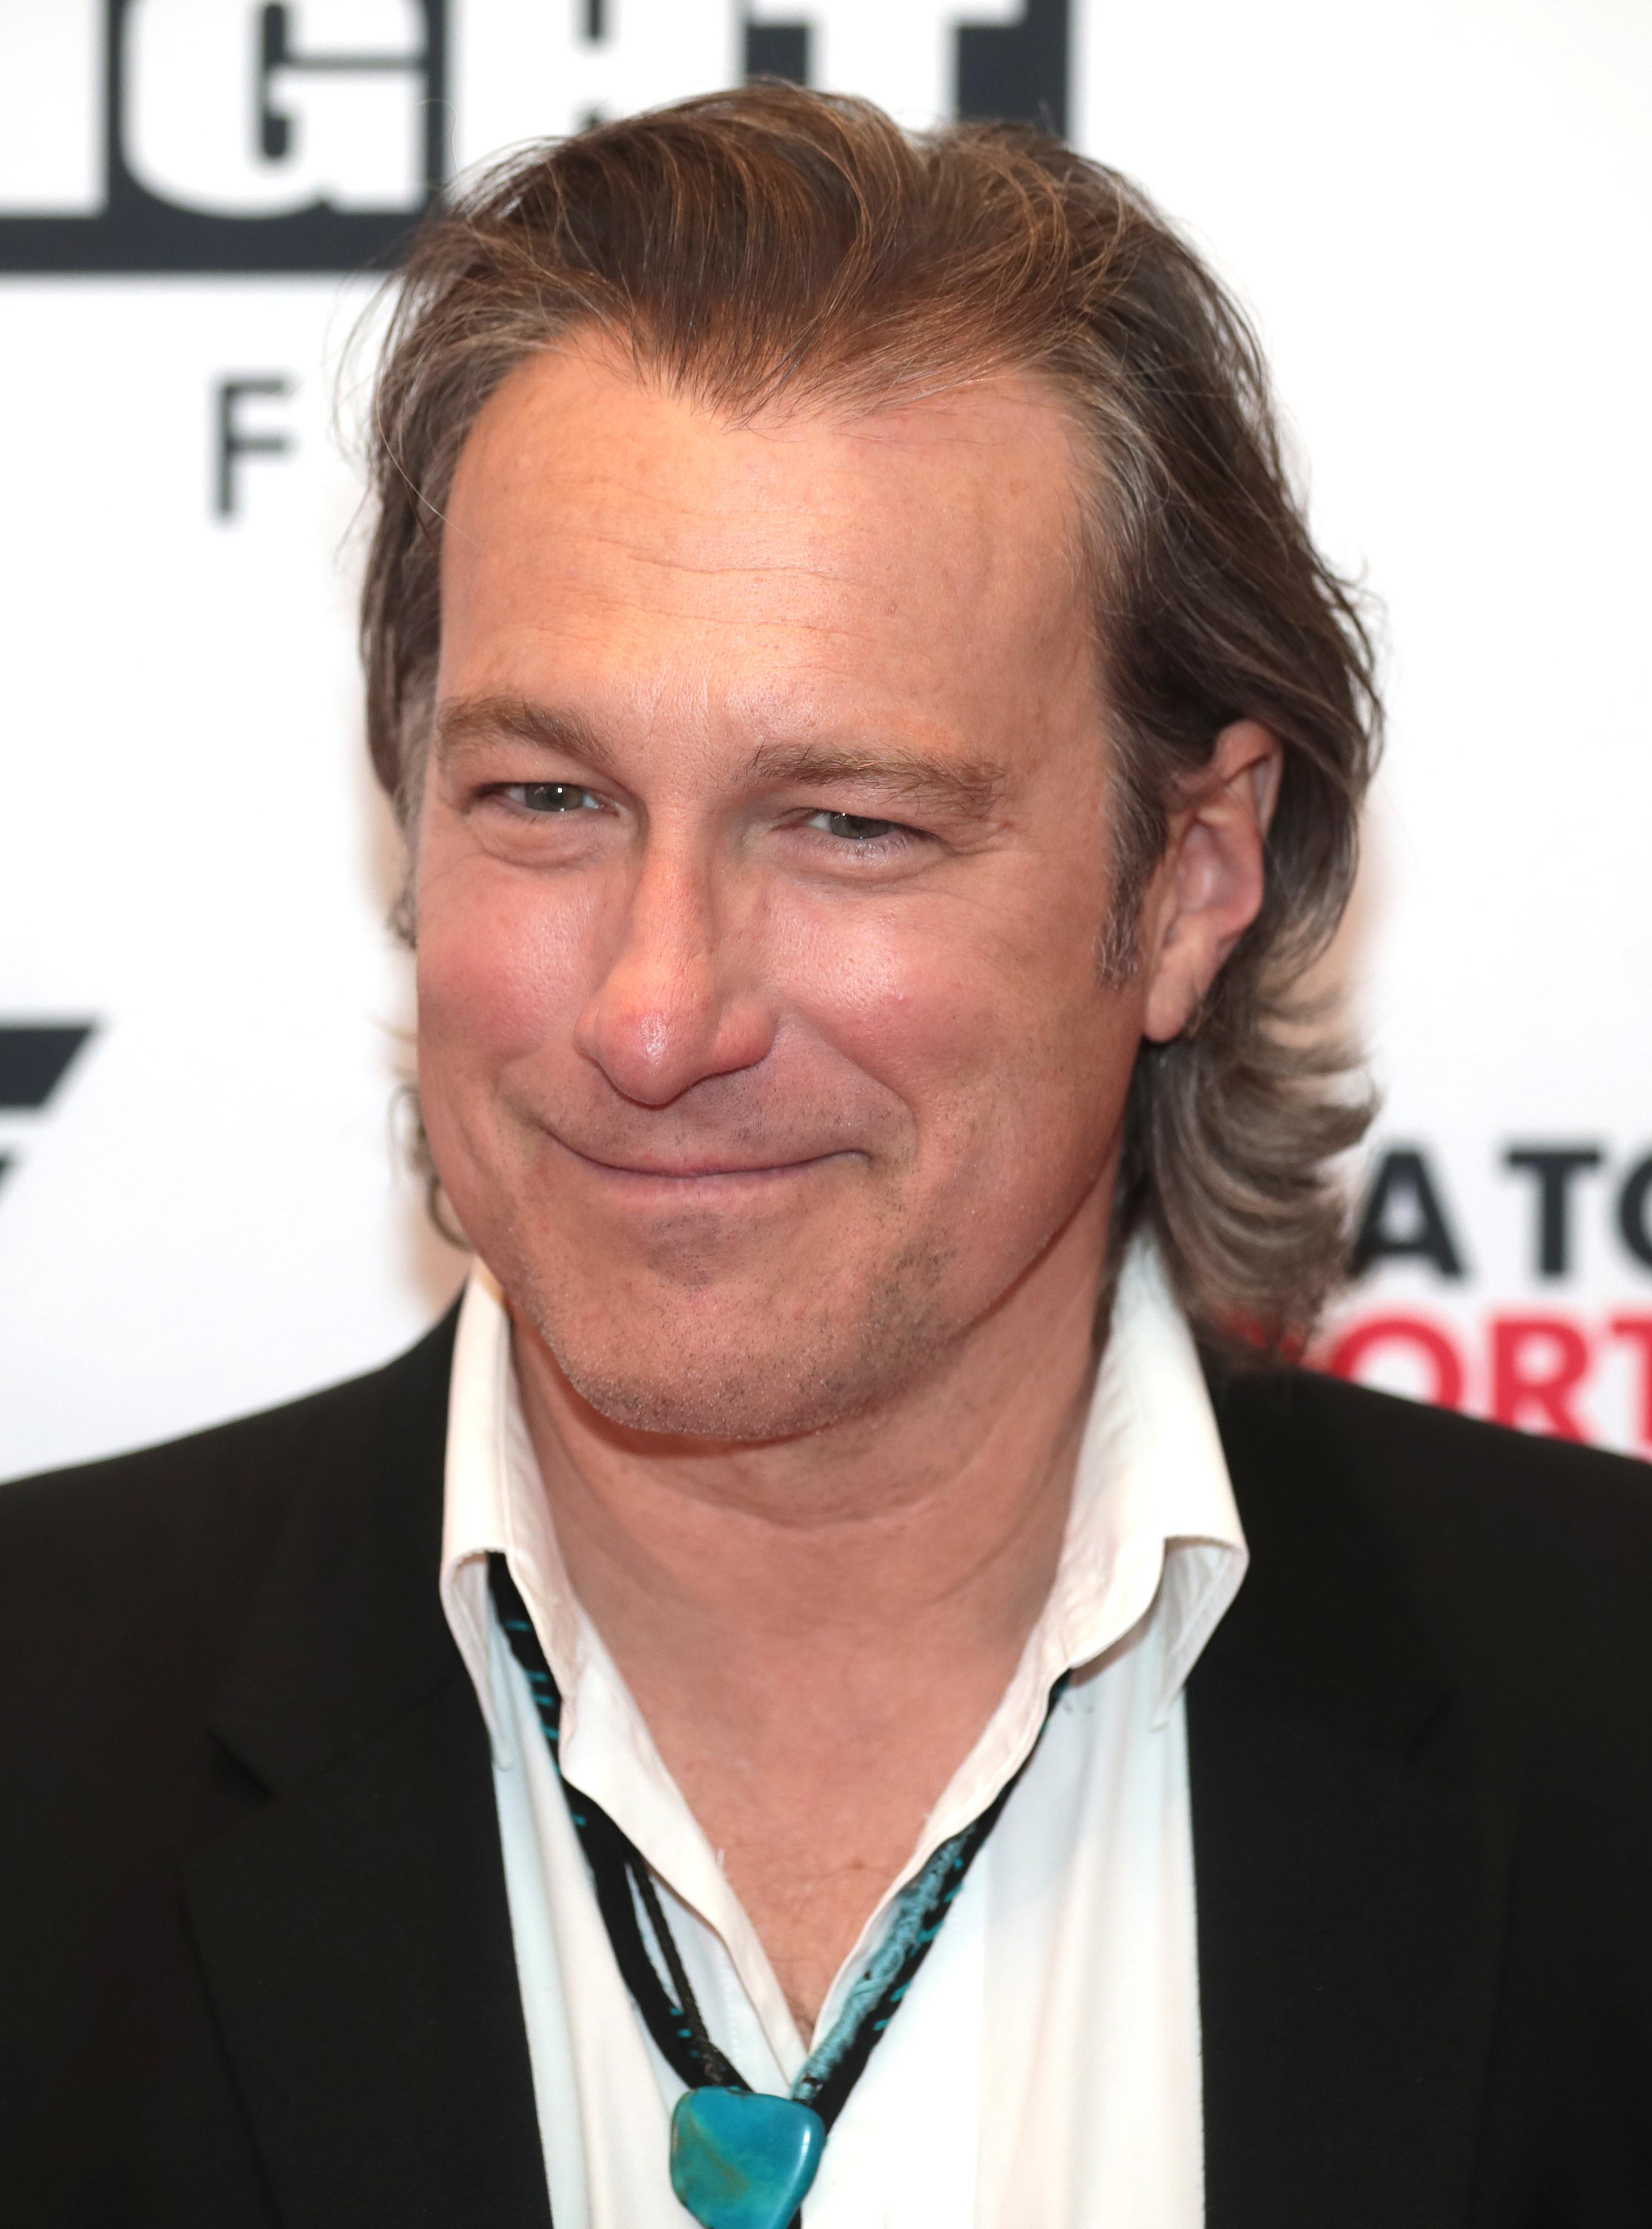 Corbett in March 2019